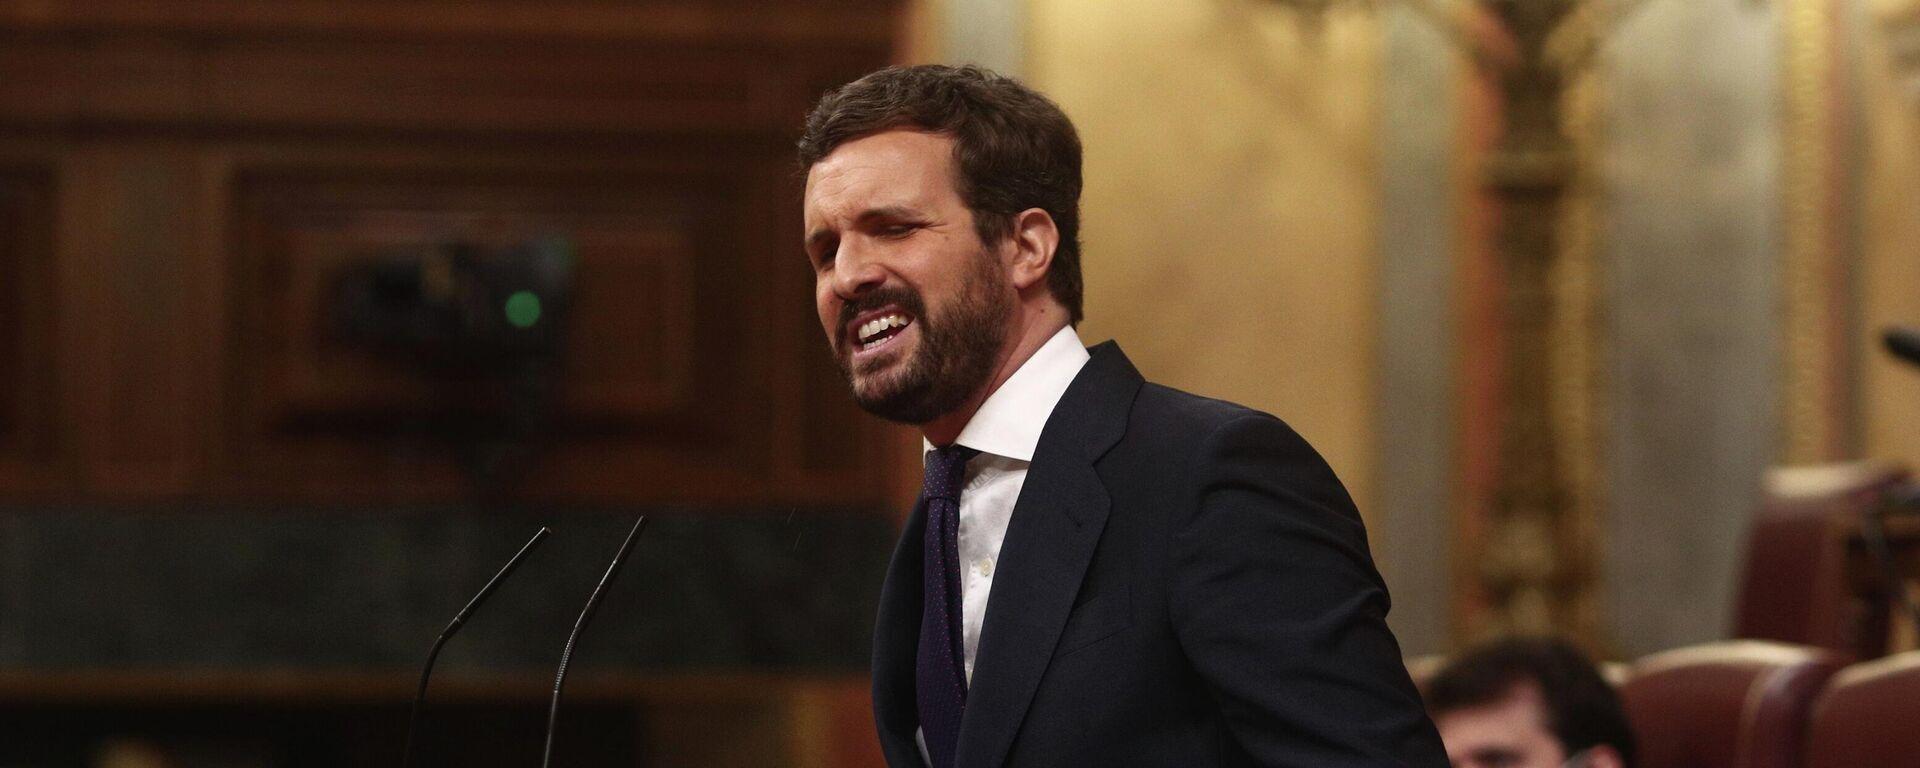 El líder del PP, Pablo Casado, en el Congreso de los Diputados. 14 de abril de 2021 - Sputnik Mundo, 1920, 21.06.2021